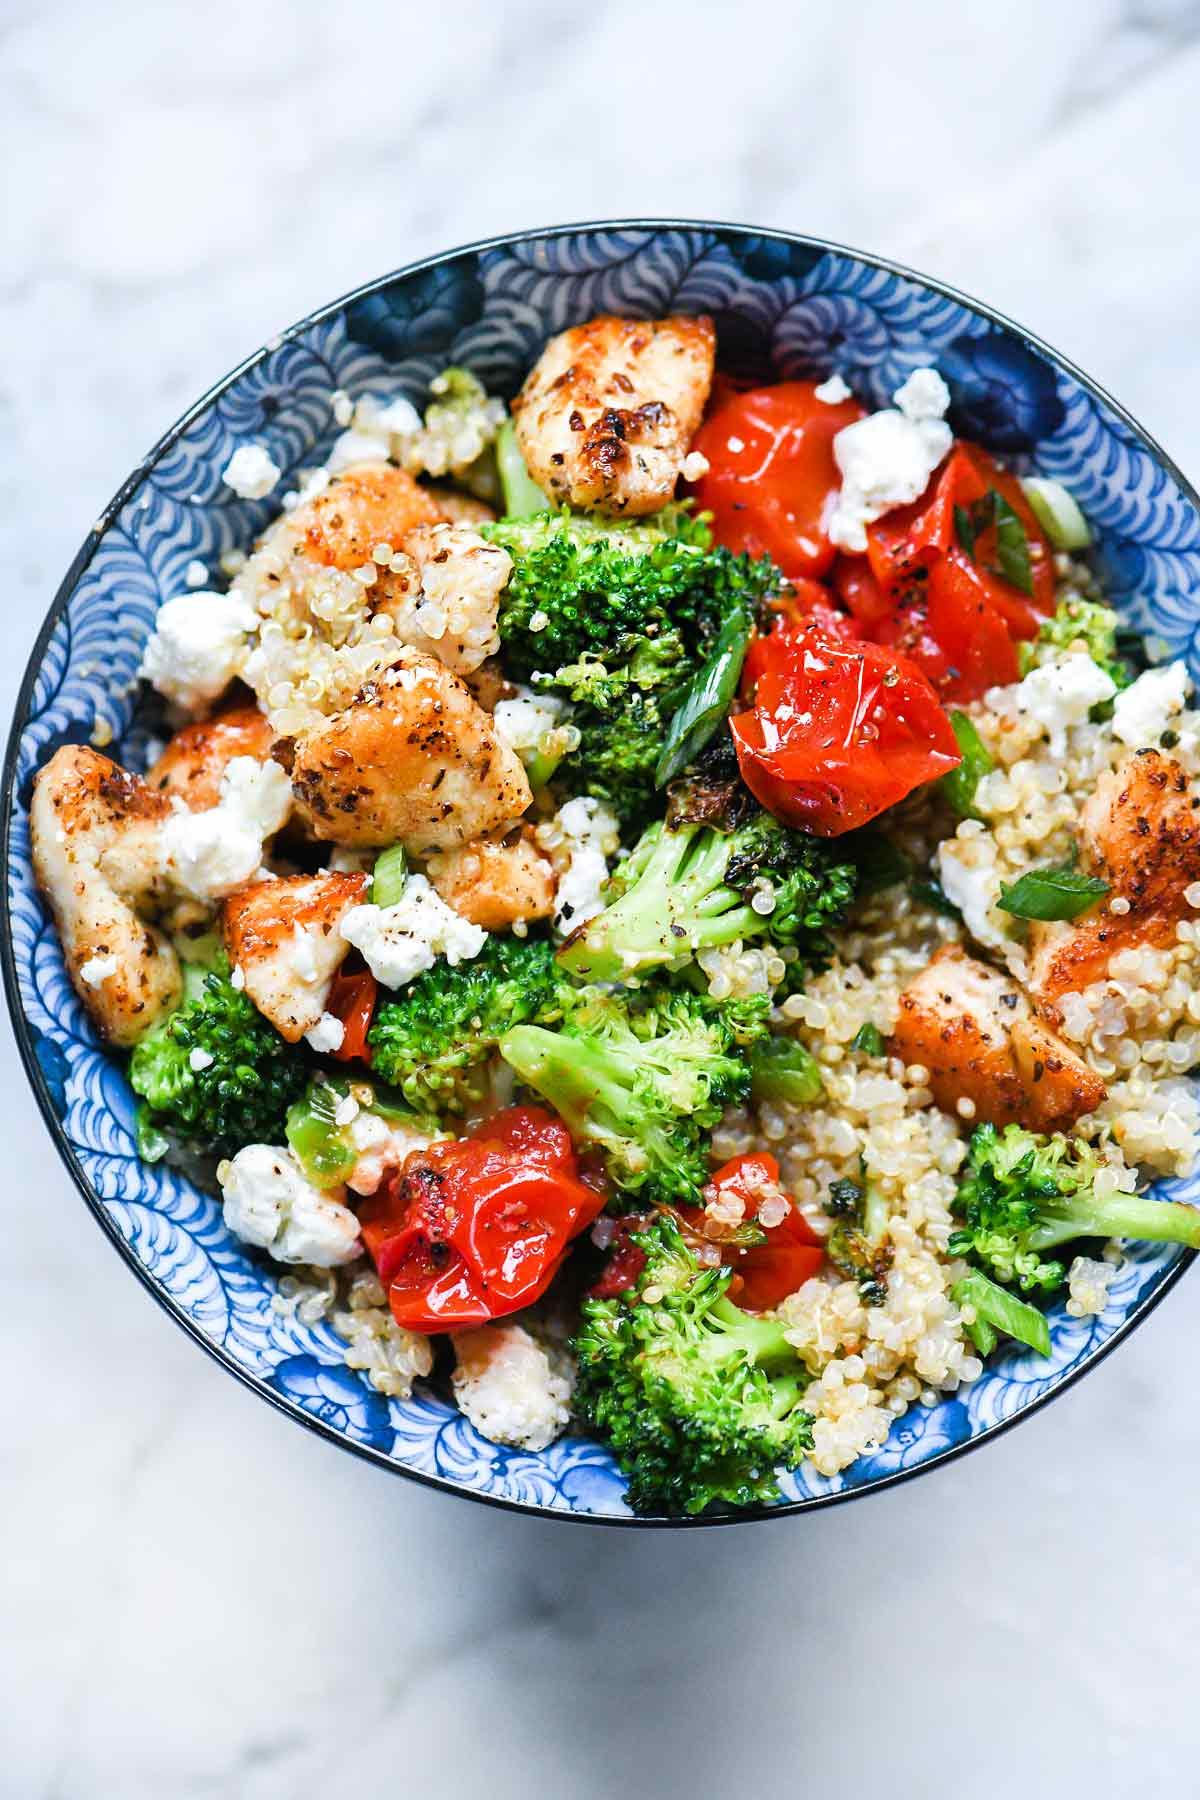 Mediterranean Chicken Quinoa Bowl with Broccoli and Tomato